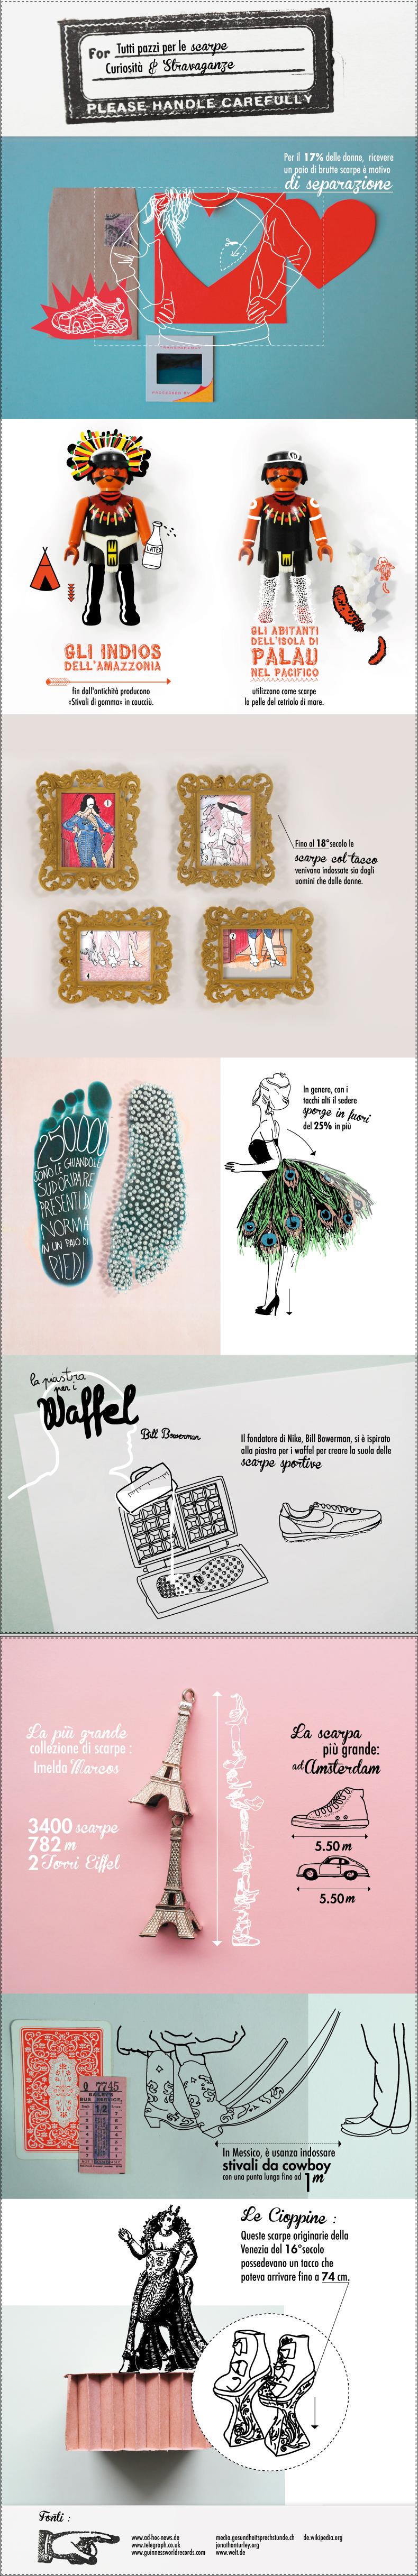 Curiosità e stravaganze sul mondo delle scarpe